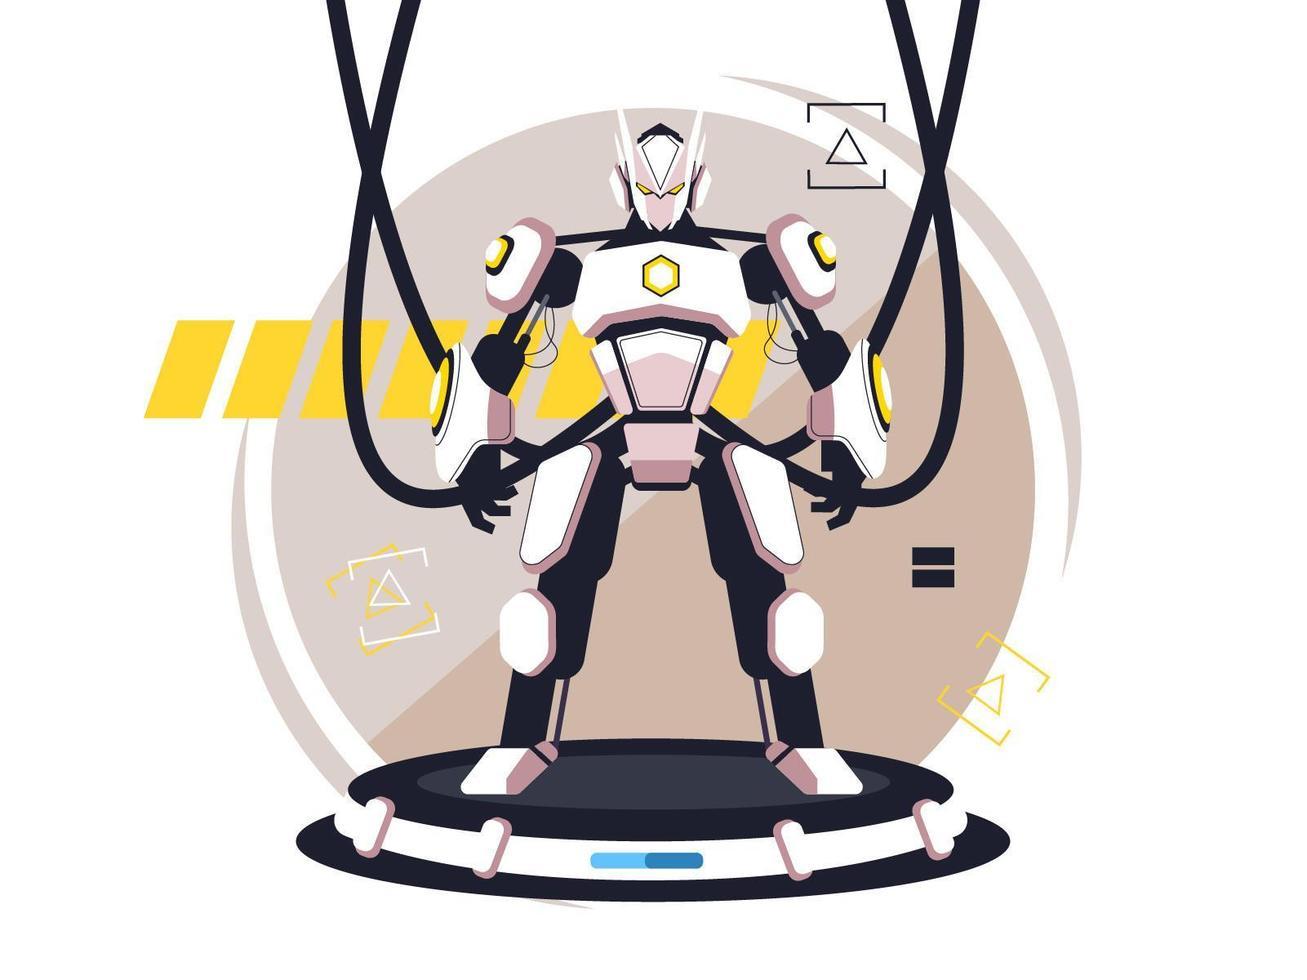 personagem robô plano amarelo e branco vetor